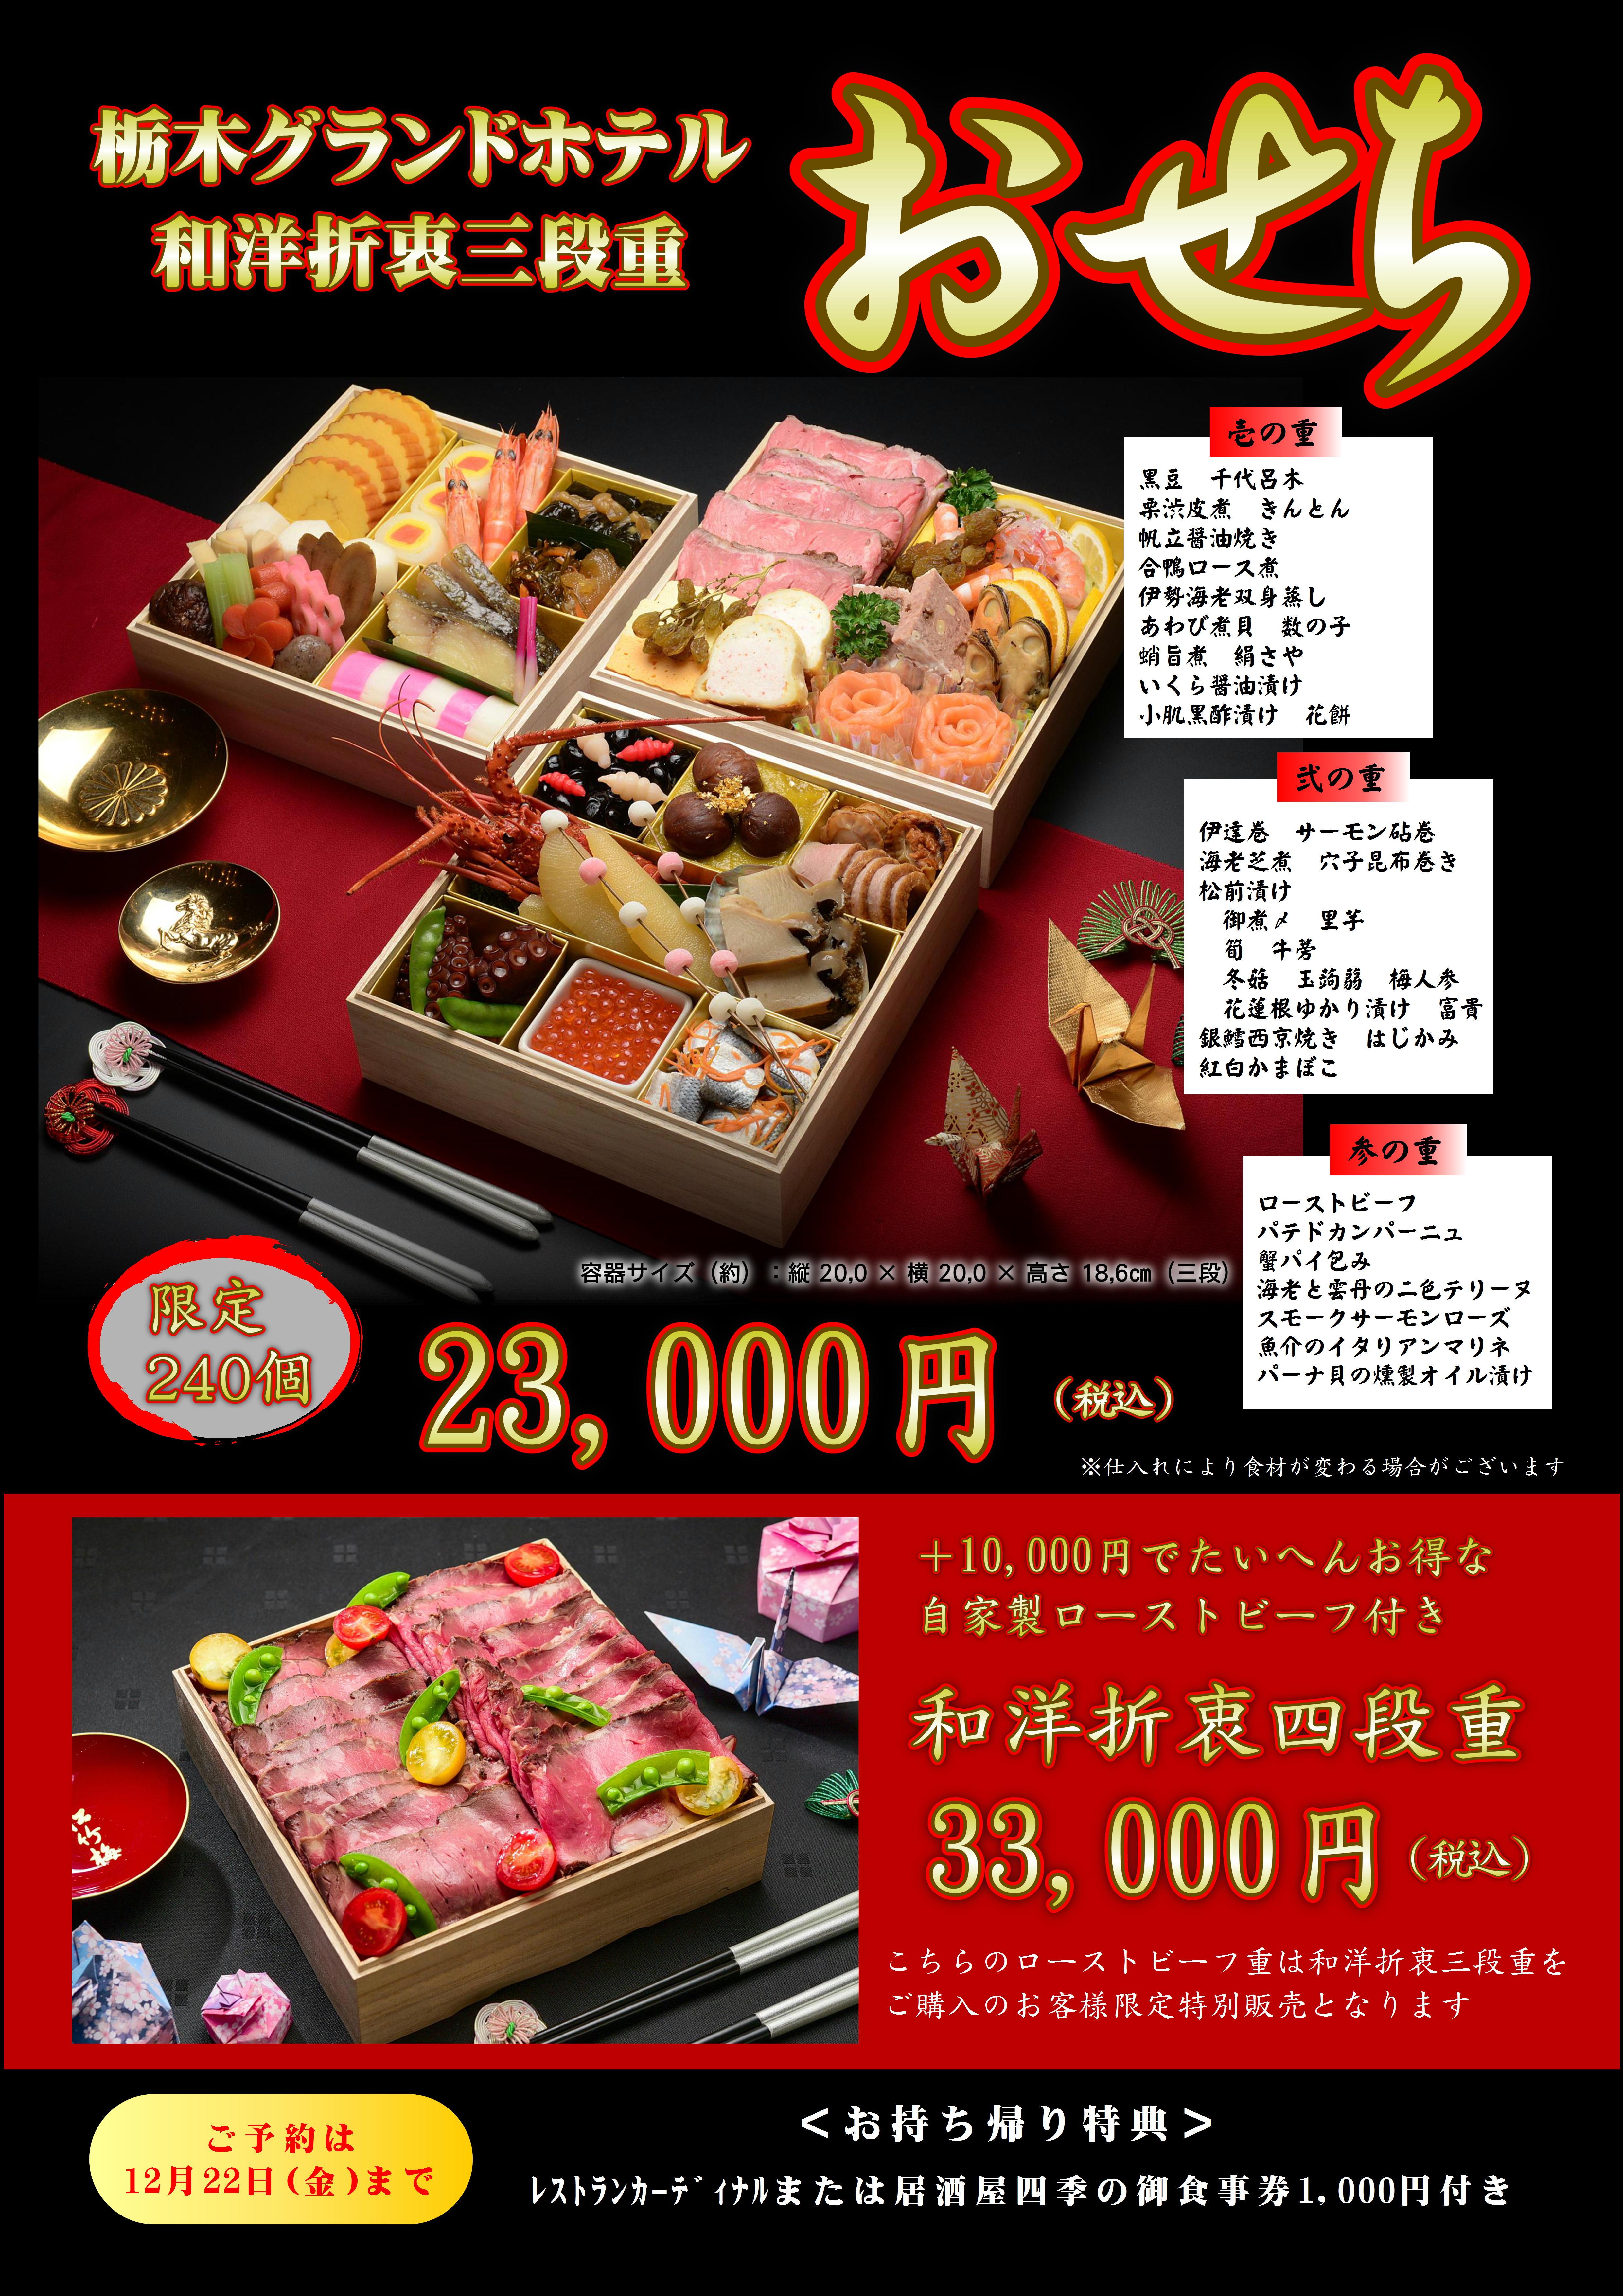 http://www.tgh.co.jp/contents/news/%E3%81%8A%E3%81%9B%E3%81%A1%E3%80%80%E8%A1%A8.JPG